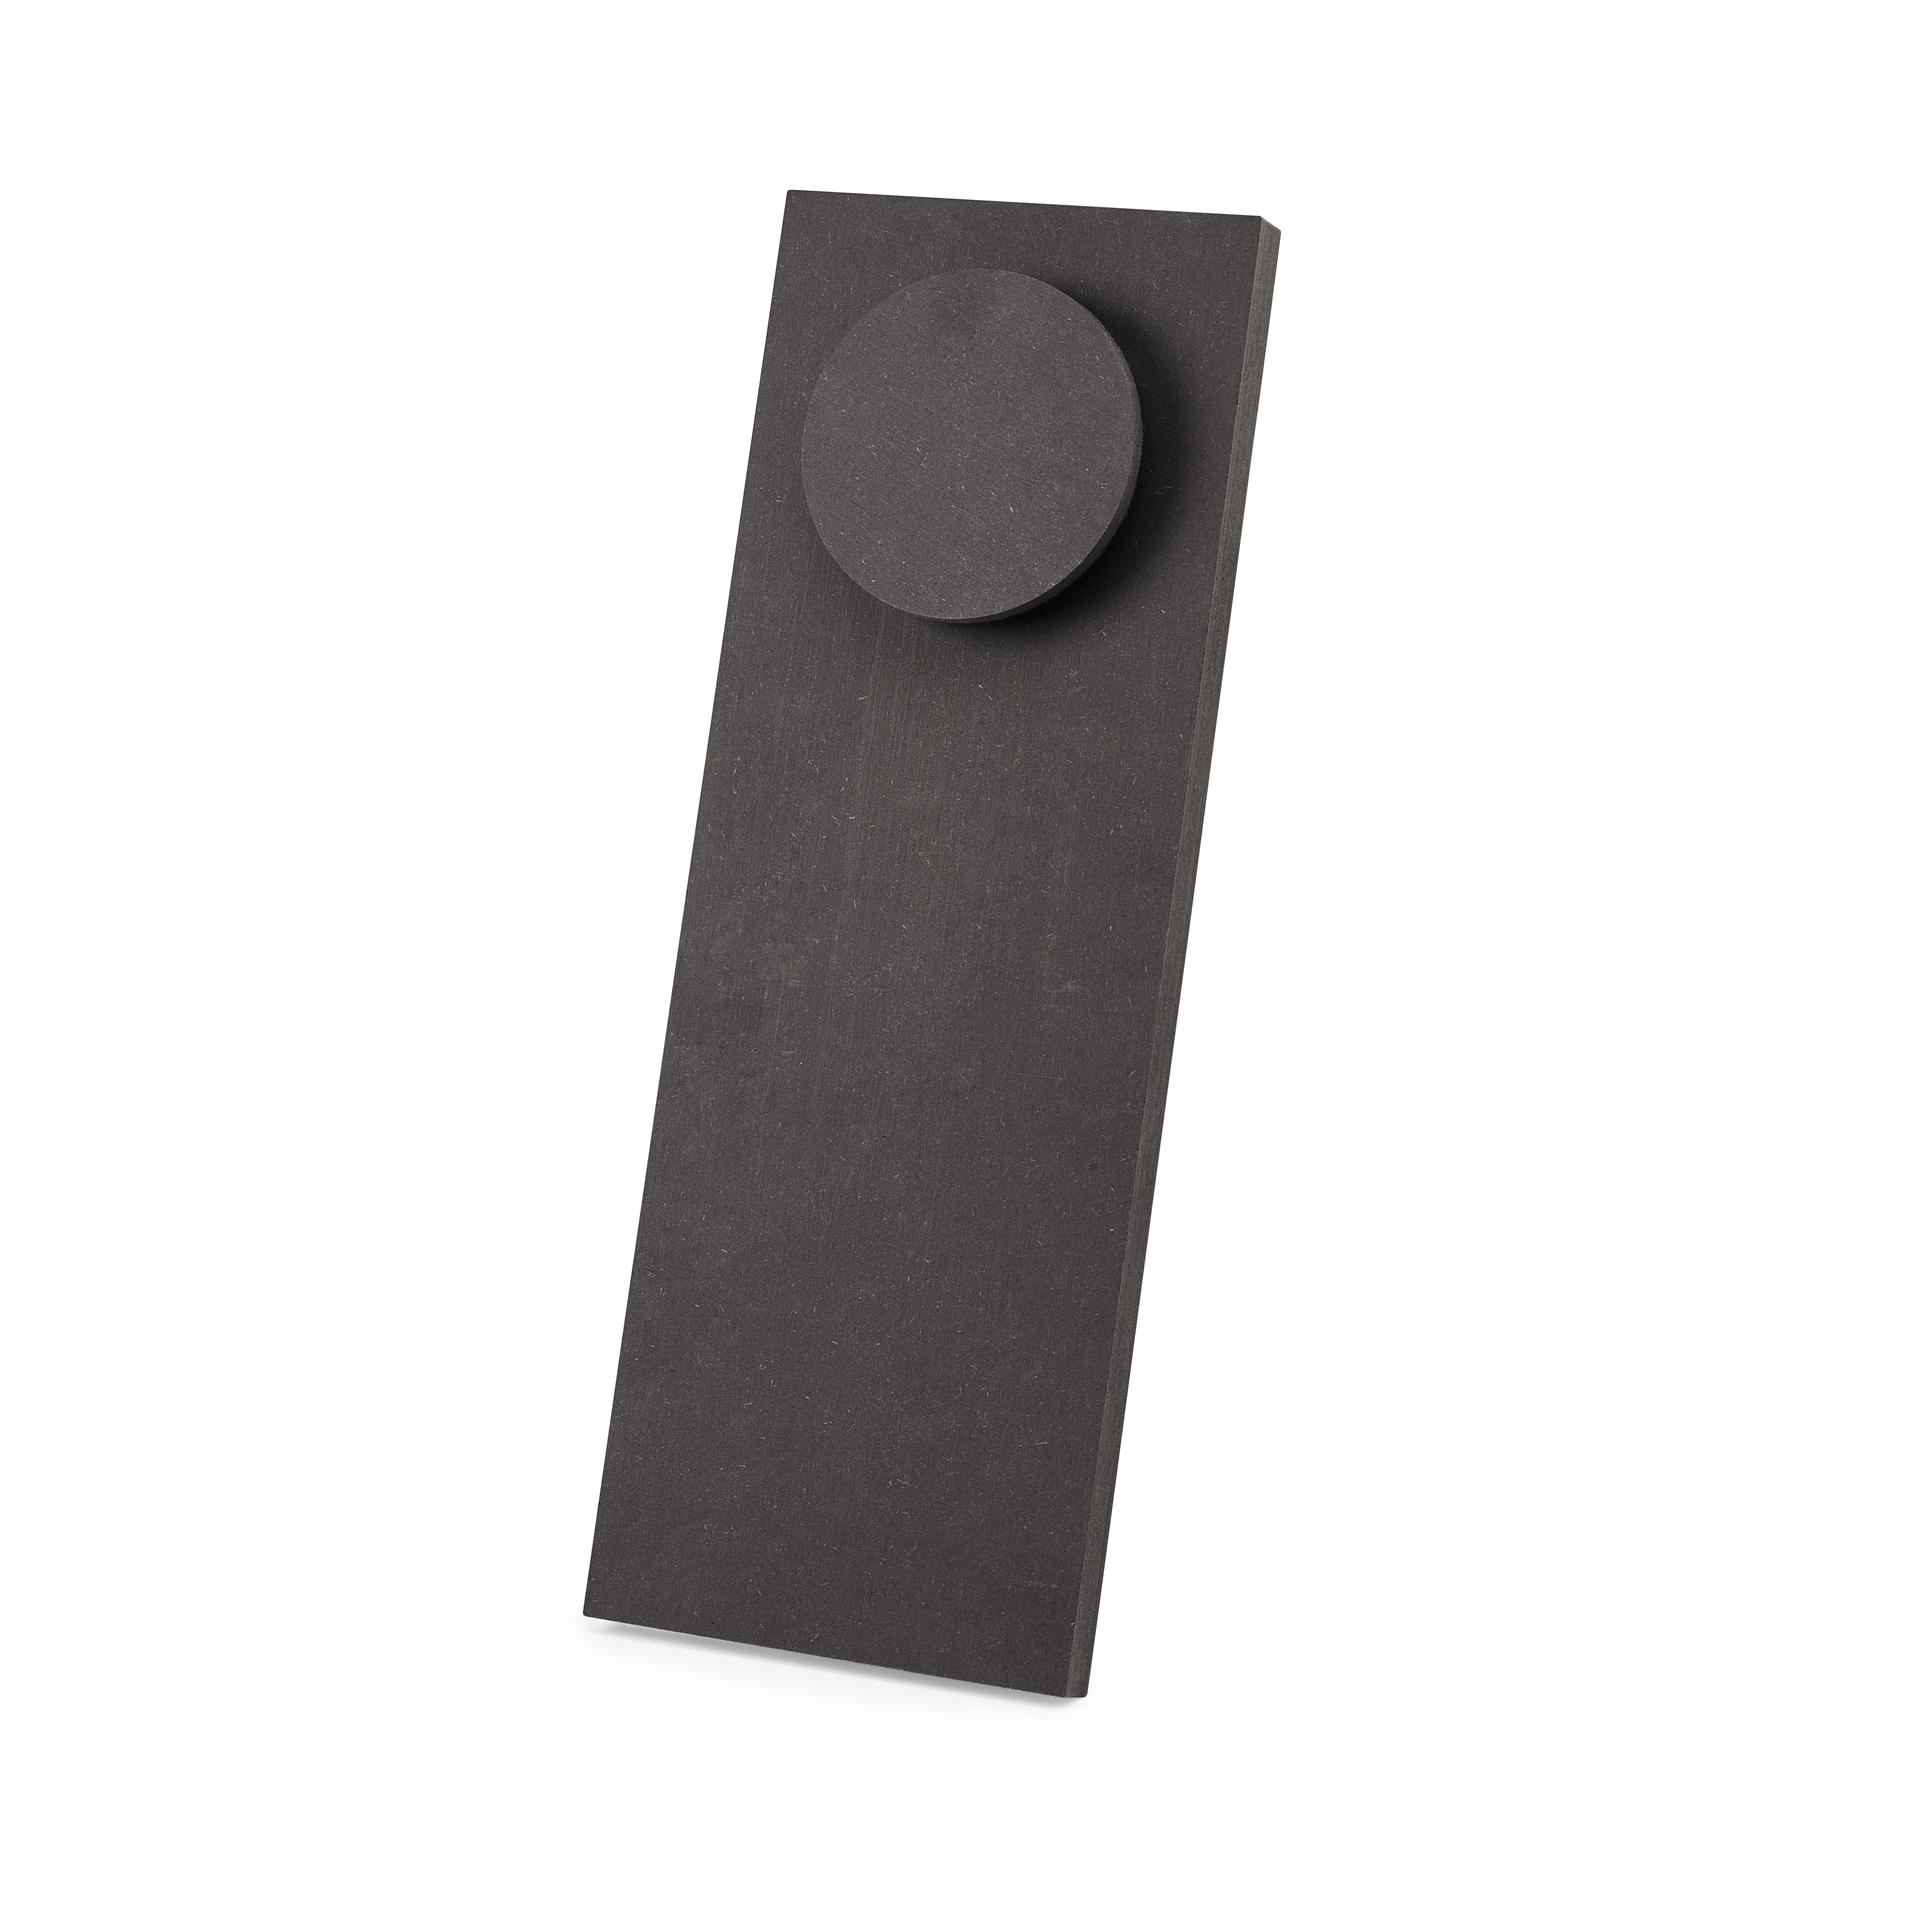 SPOT 38 Holzbüste, schwarz